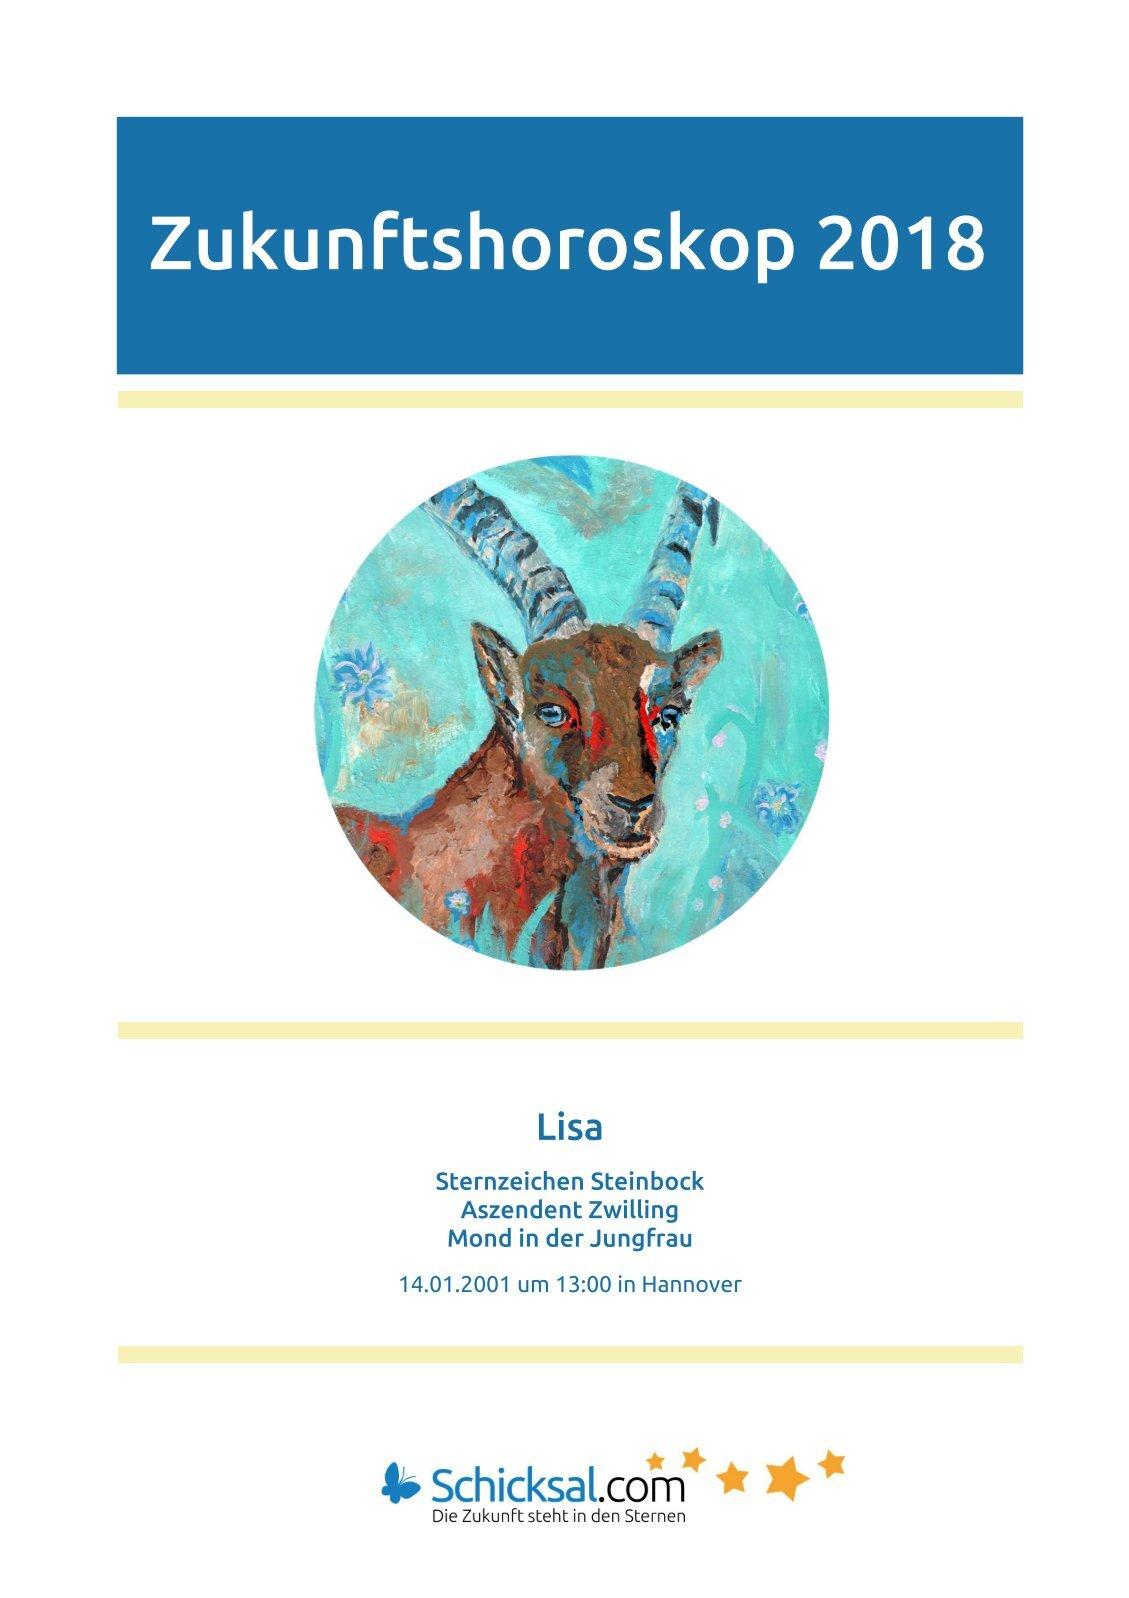 Steinbock Zukunftshoroskop 2018